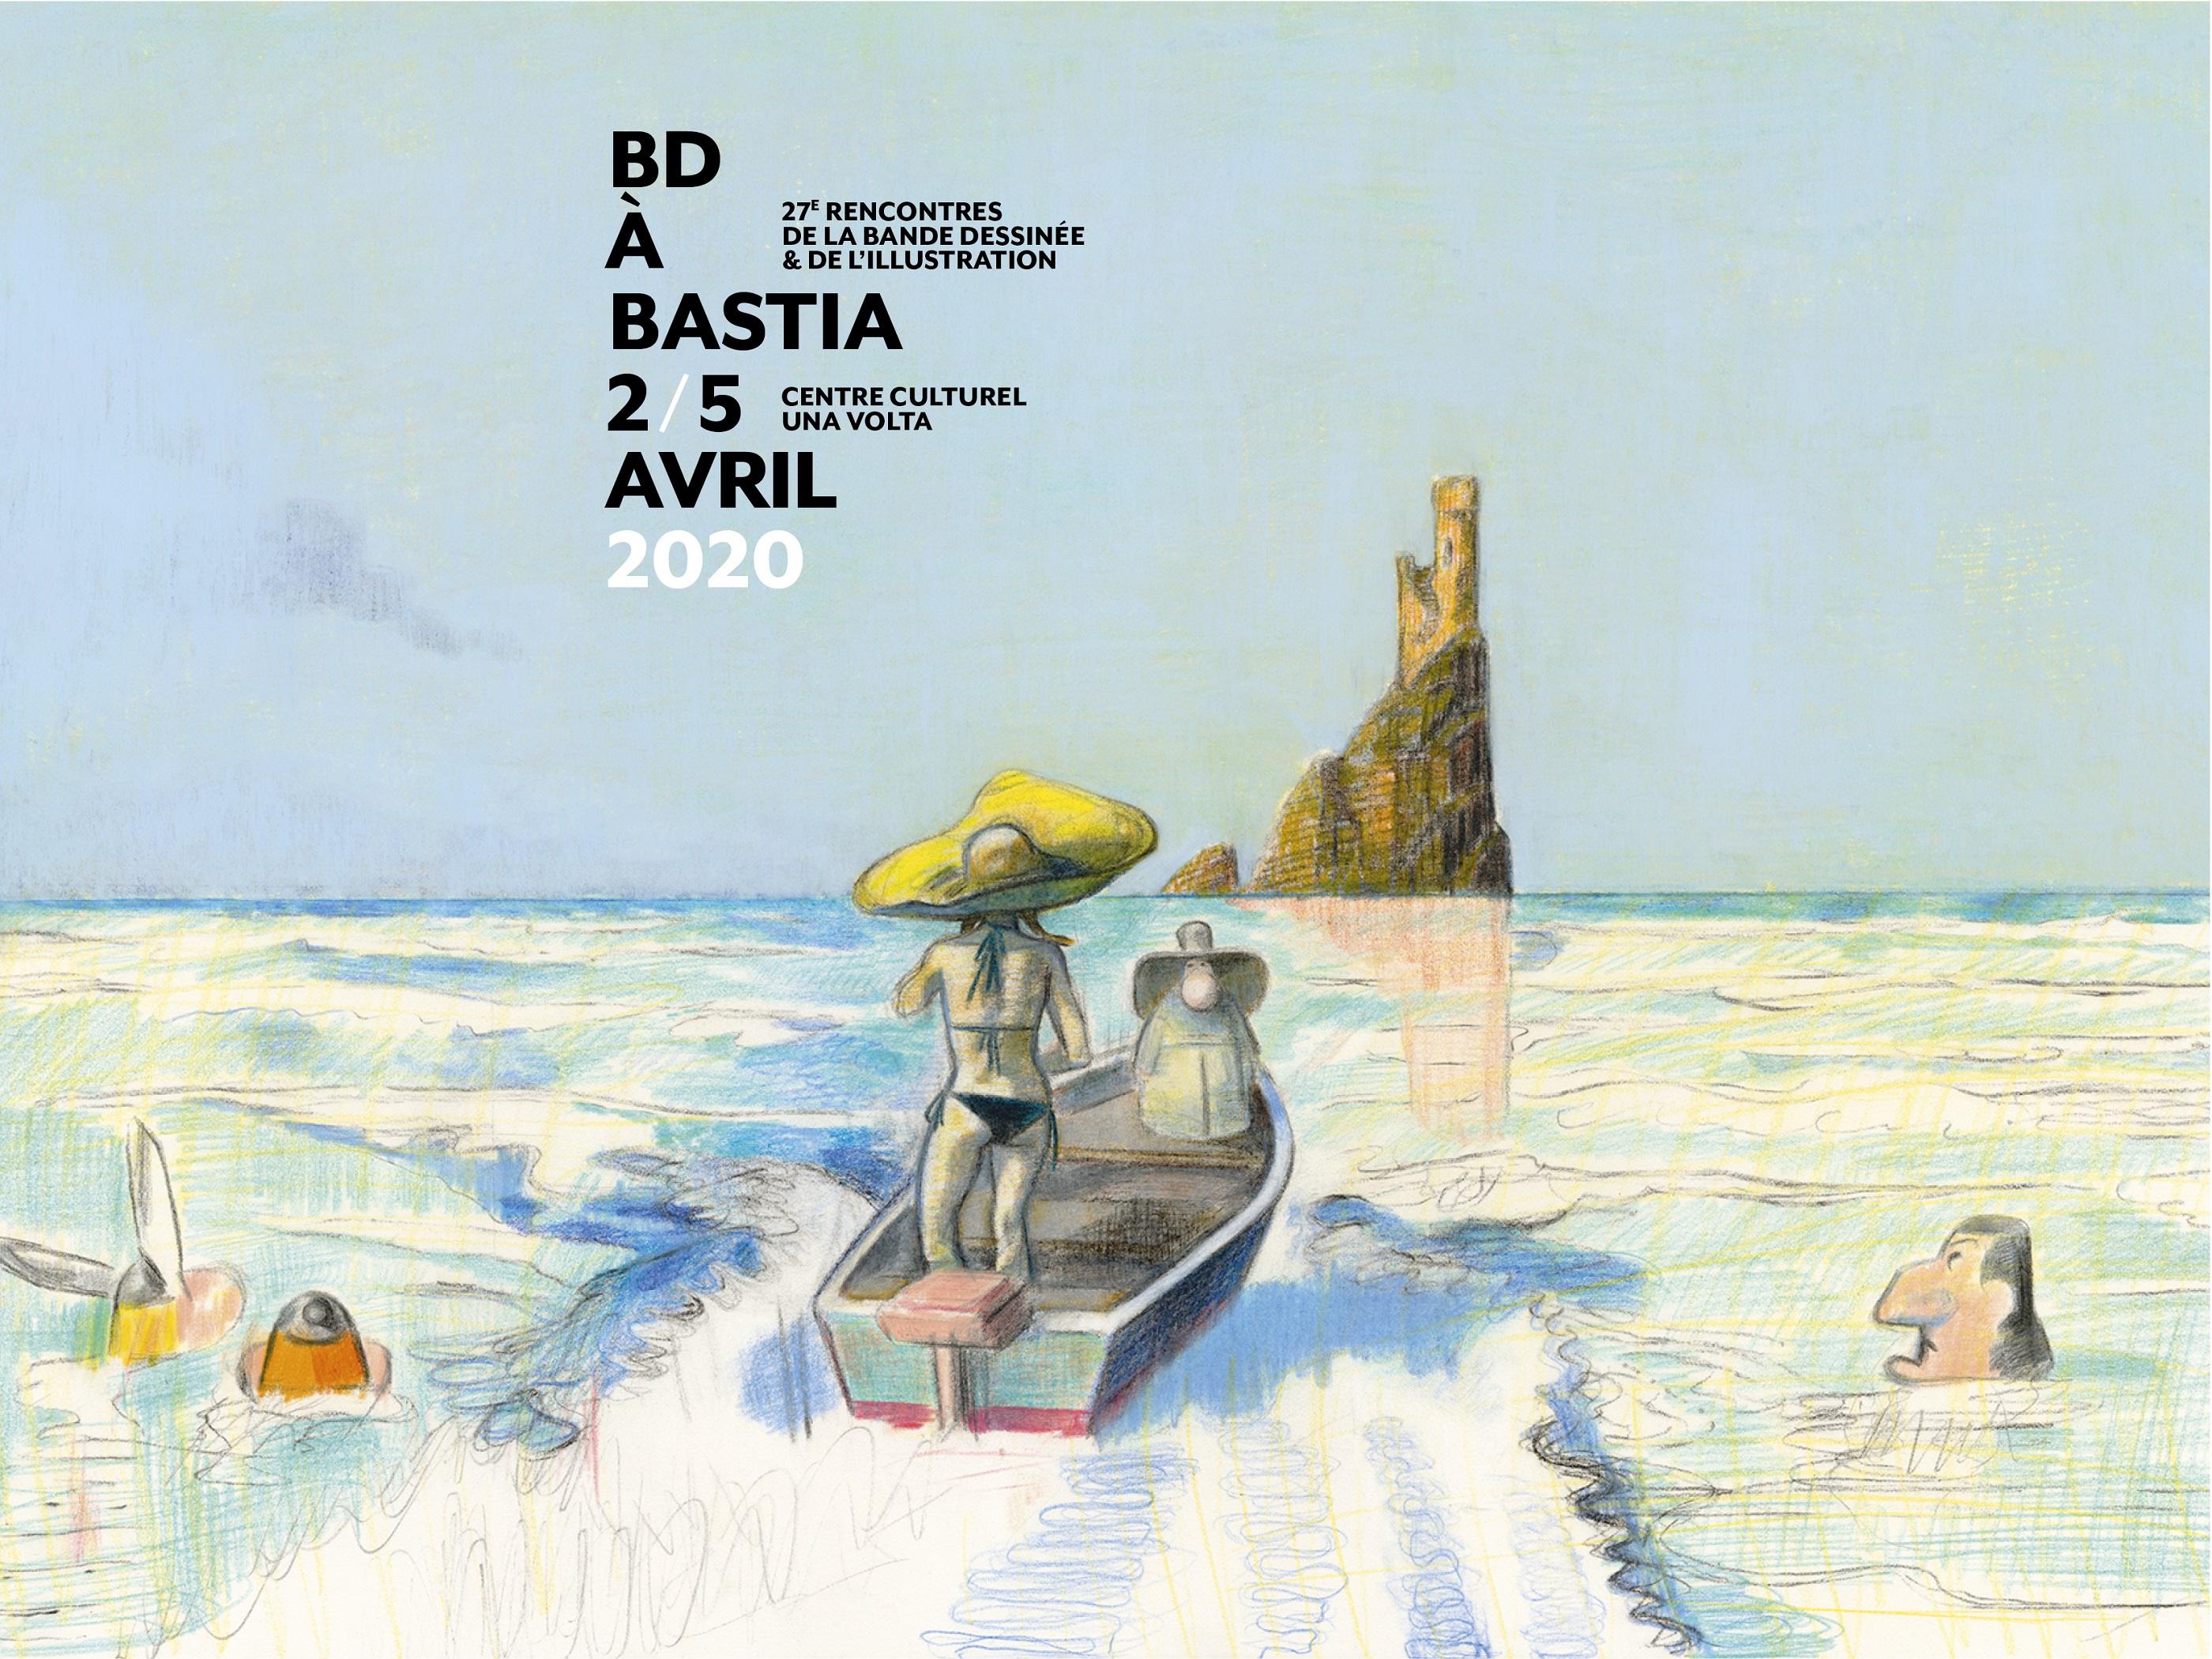 L'affiche est signée de l'auteur de BD : Blutch